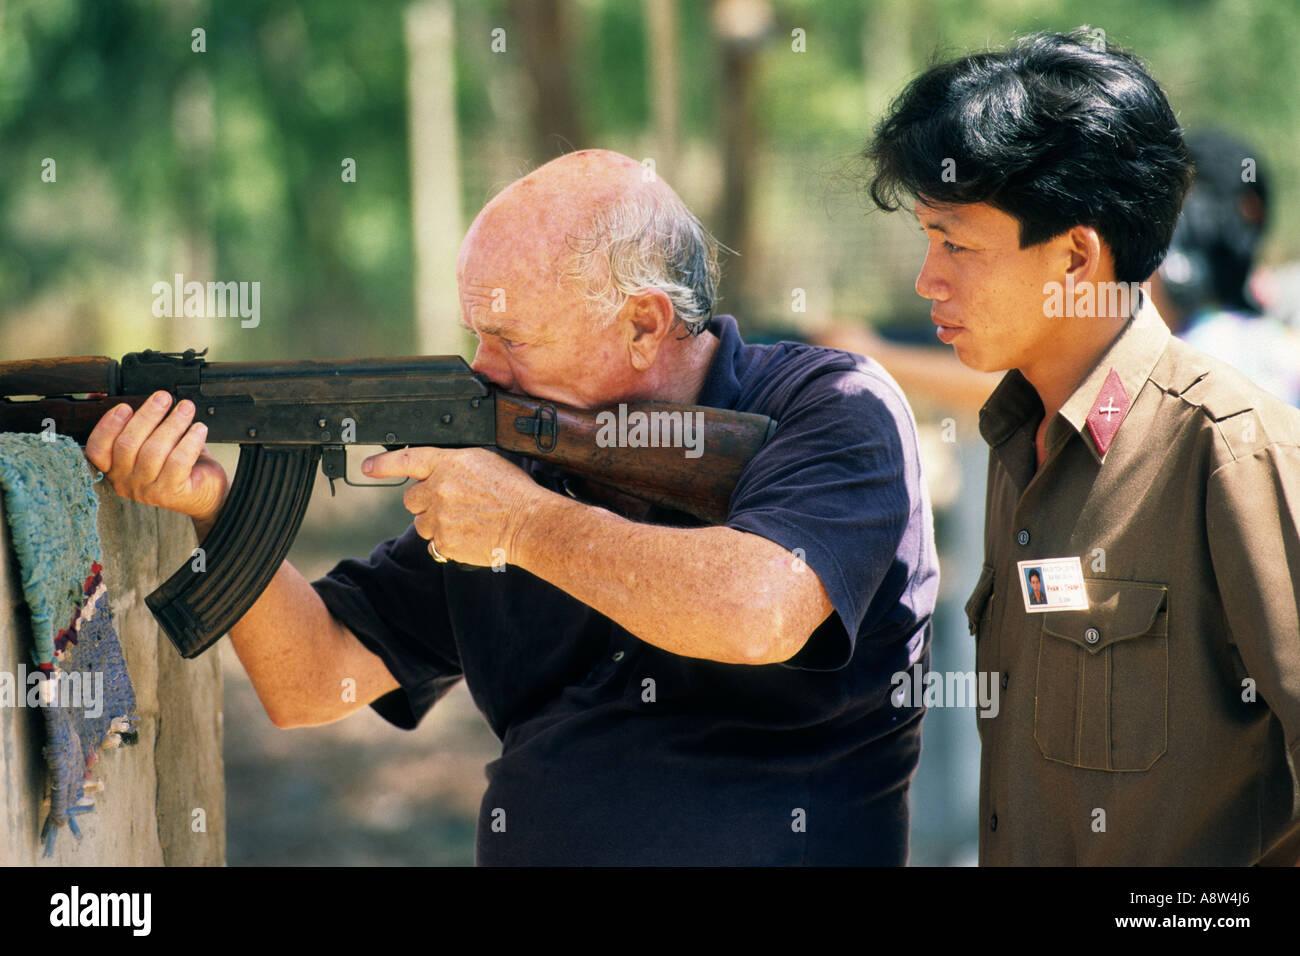 Asia, Vietnam, Cu Chi, ex veterano del Vietnam durante un esercizio di tiro su uno stand di tiro per turisti Immagini Stock